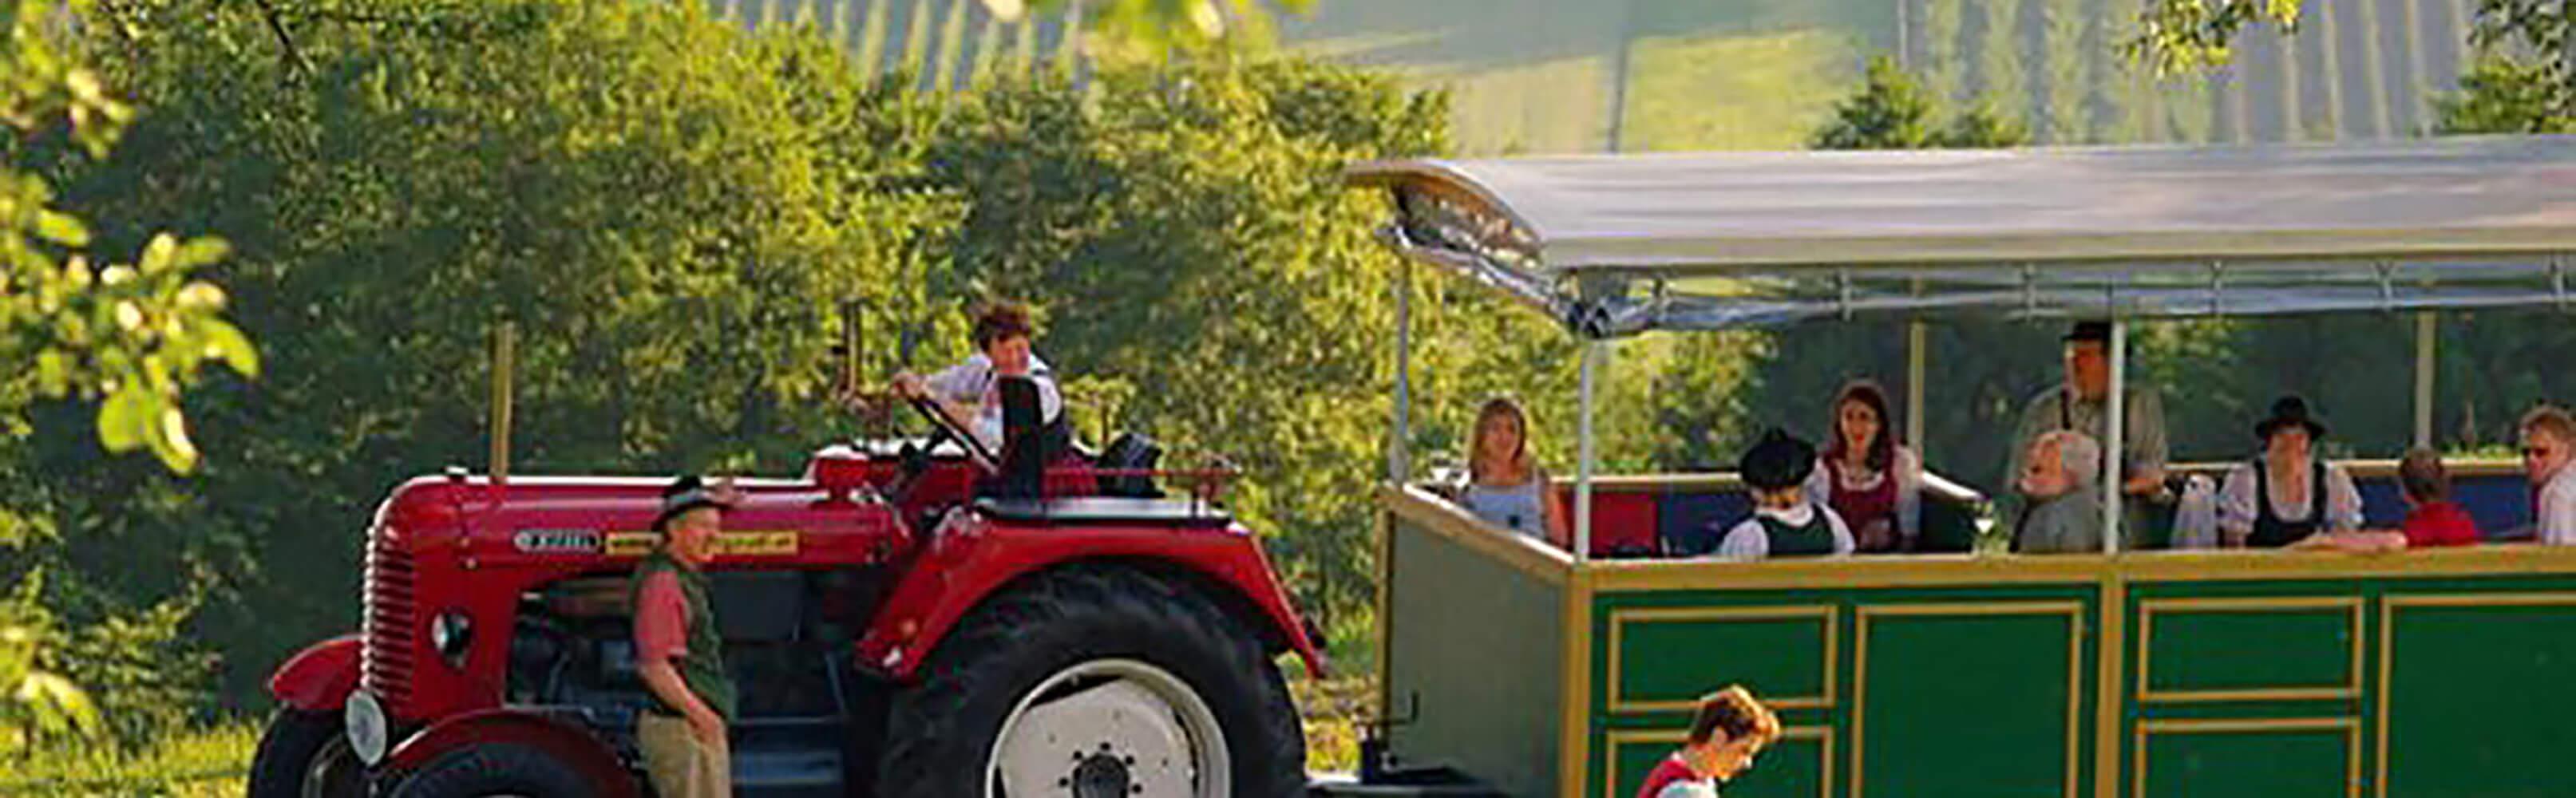 Traktorgaudi Steiermark 1